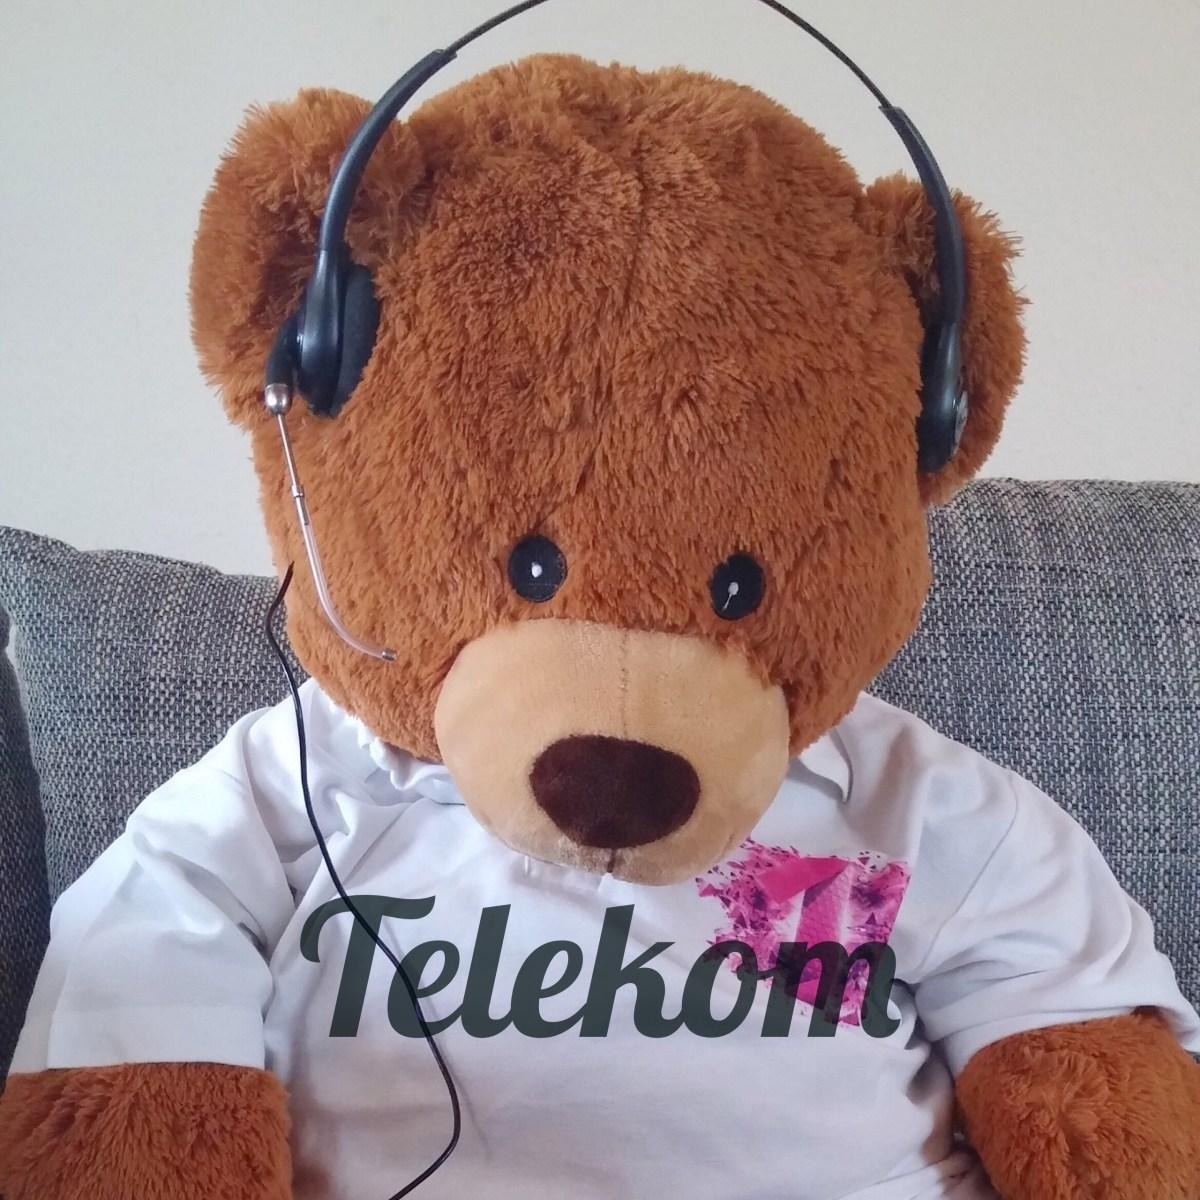 Jugendschutz bei der Telekom